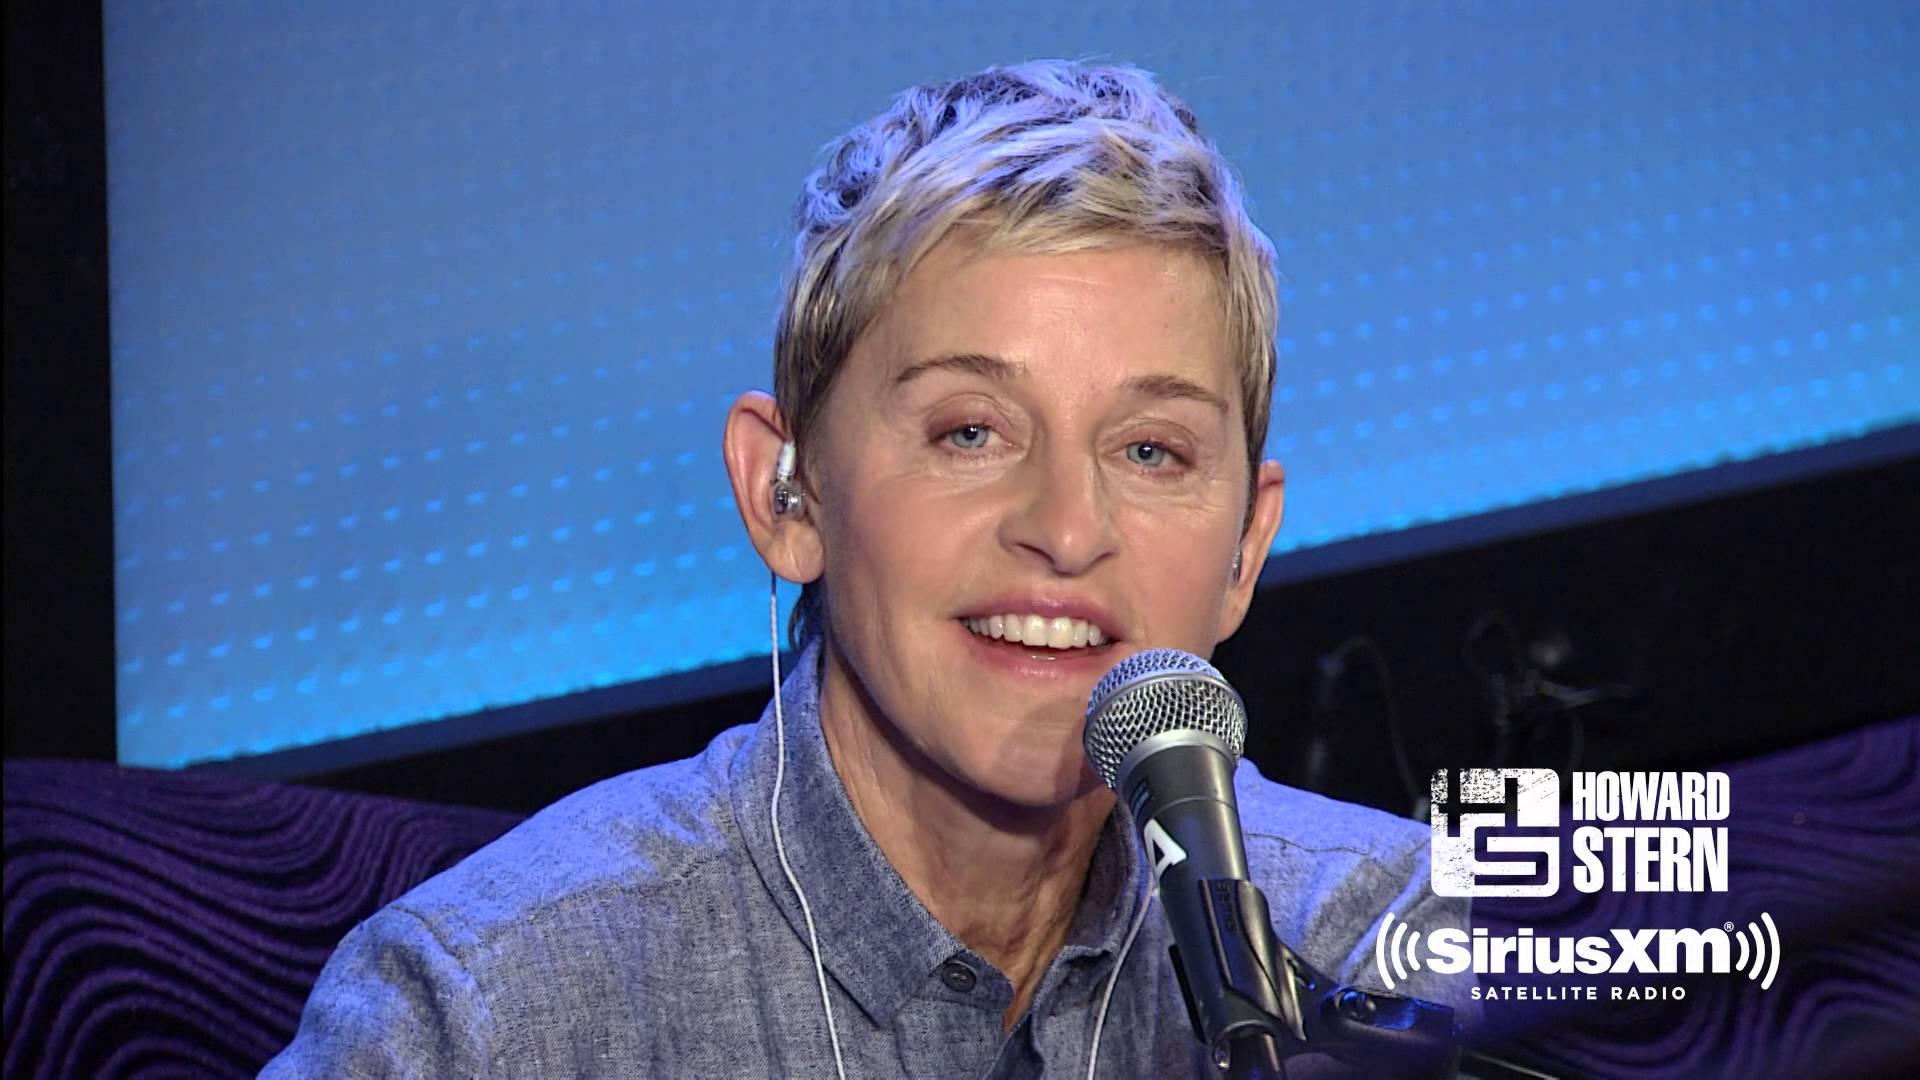 Ellen-and-Stern-02